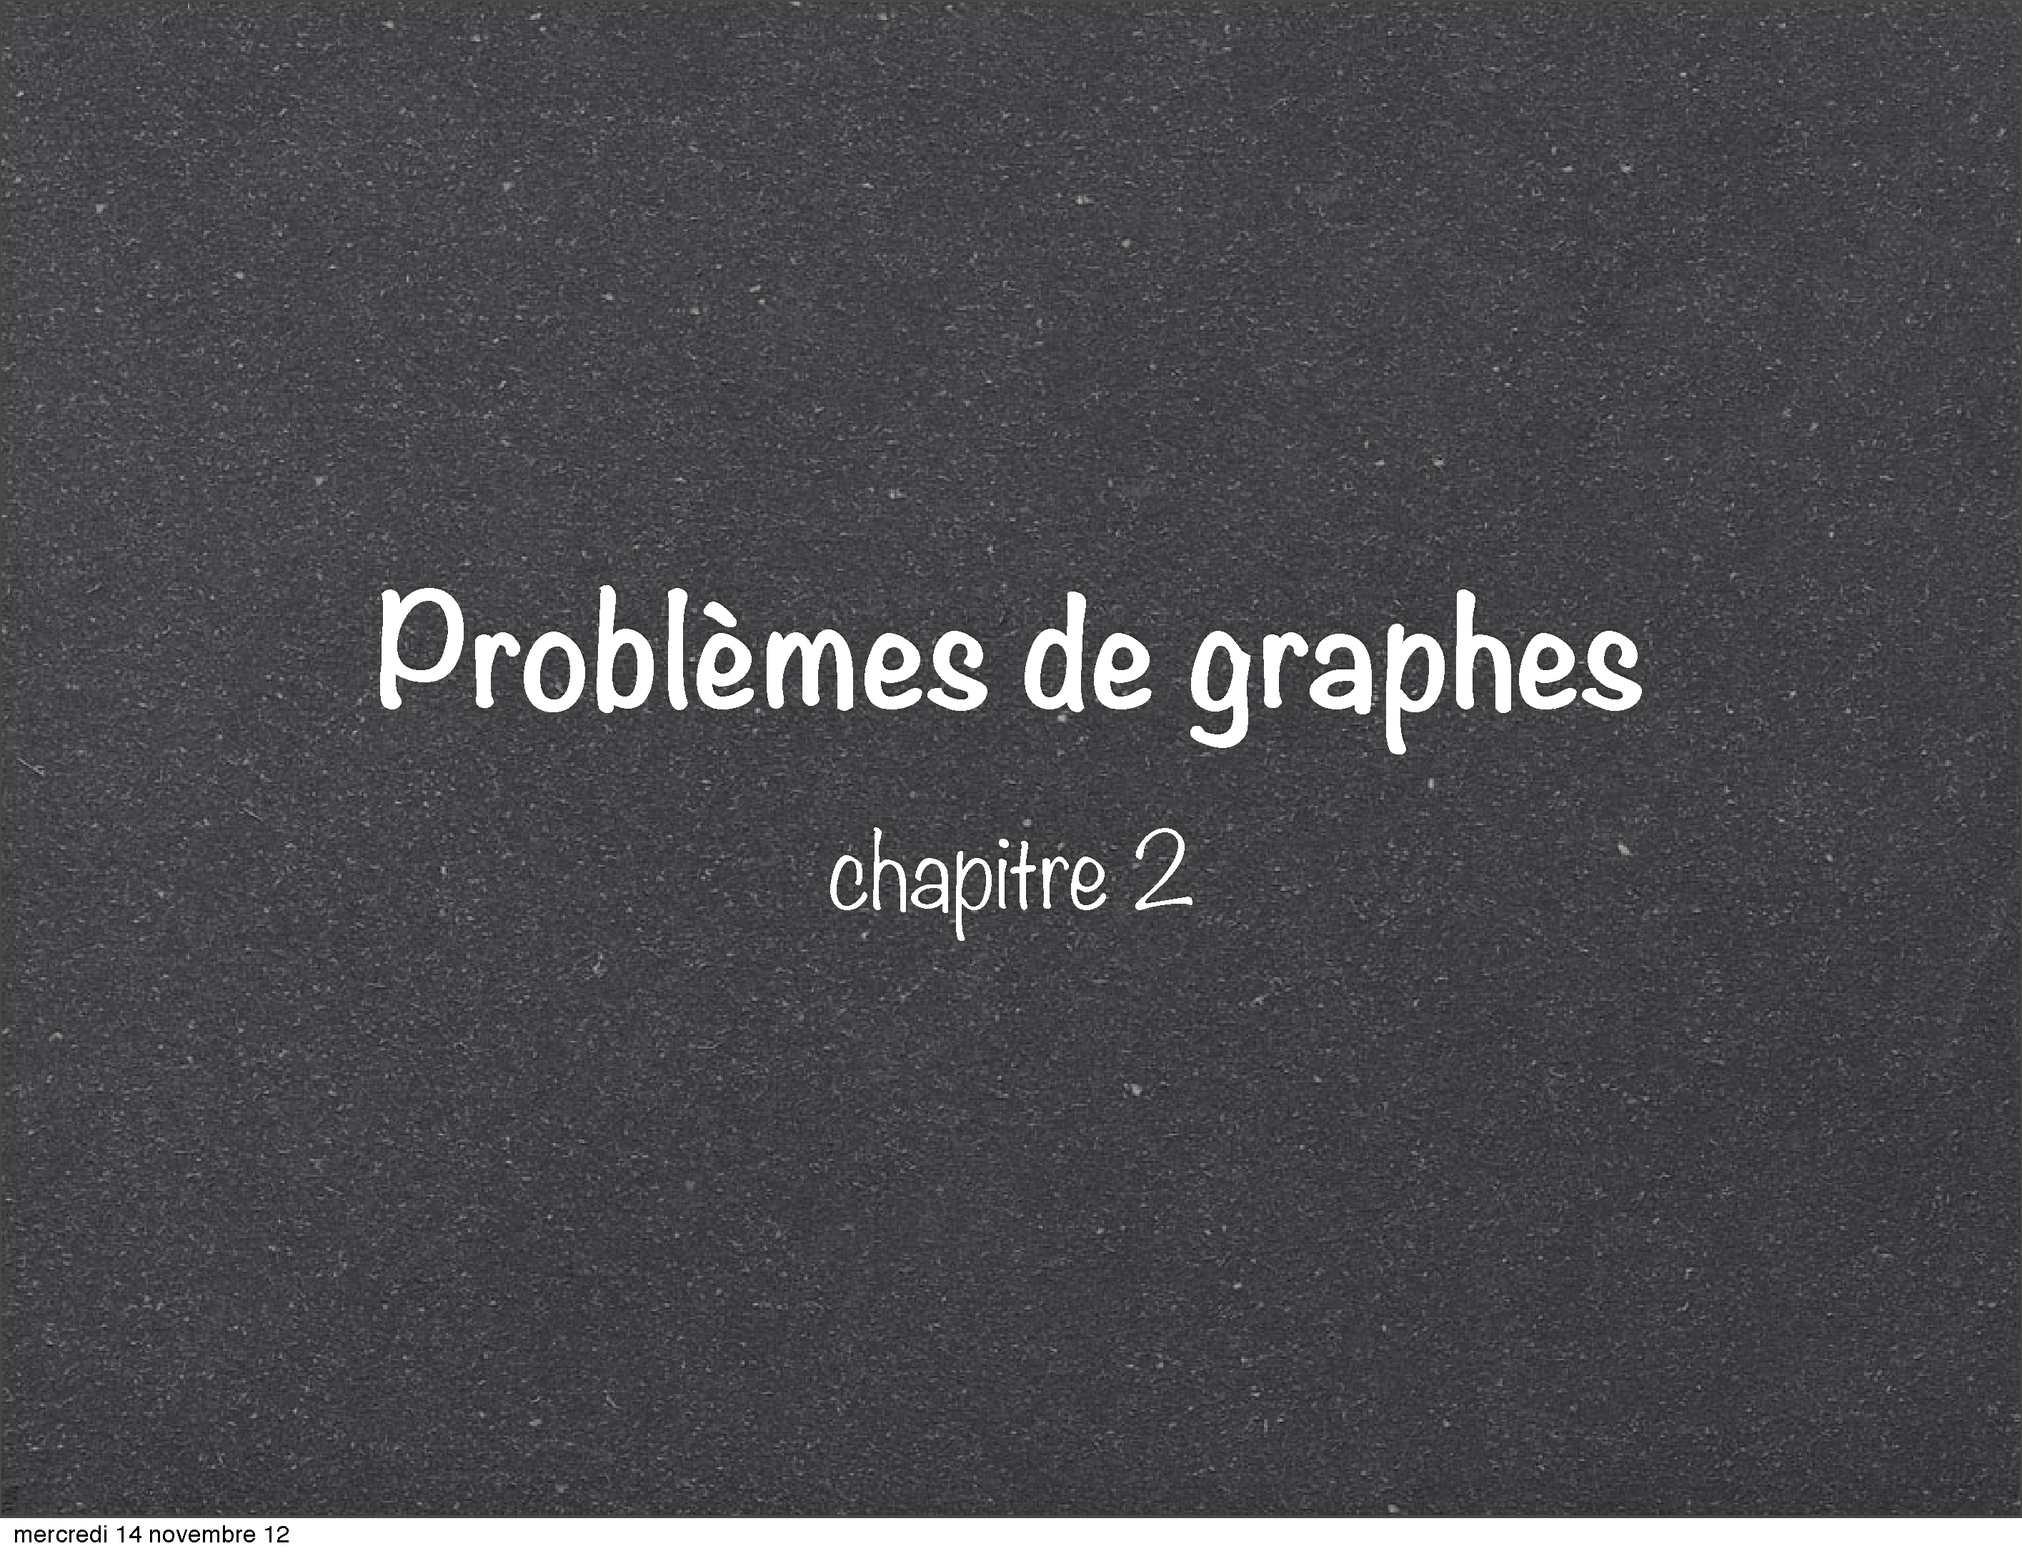 Problèmes de graphes : introduction